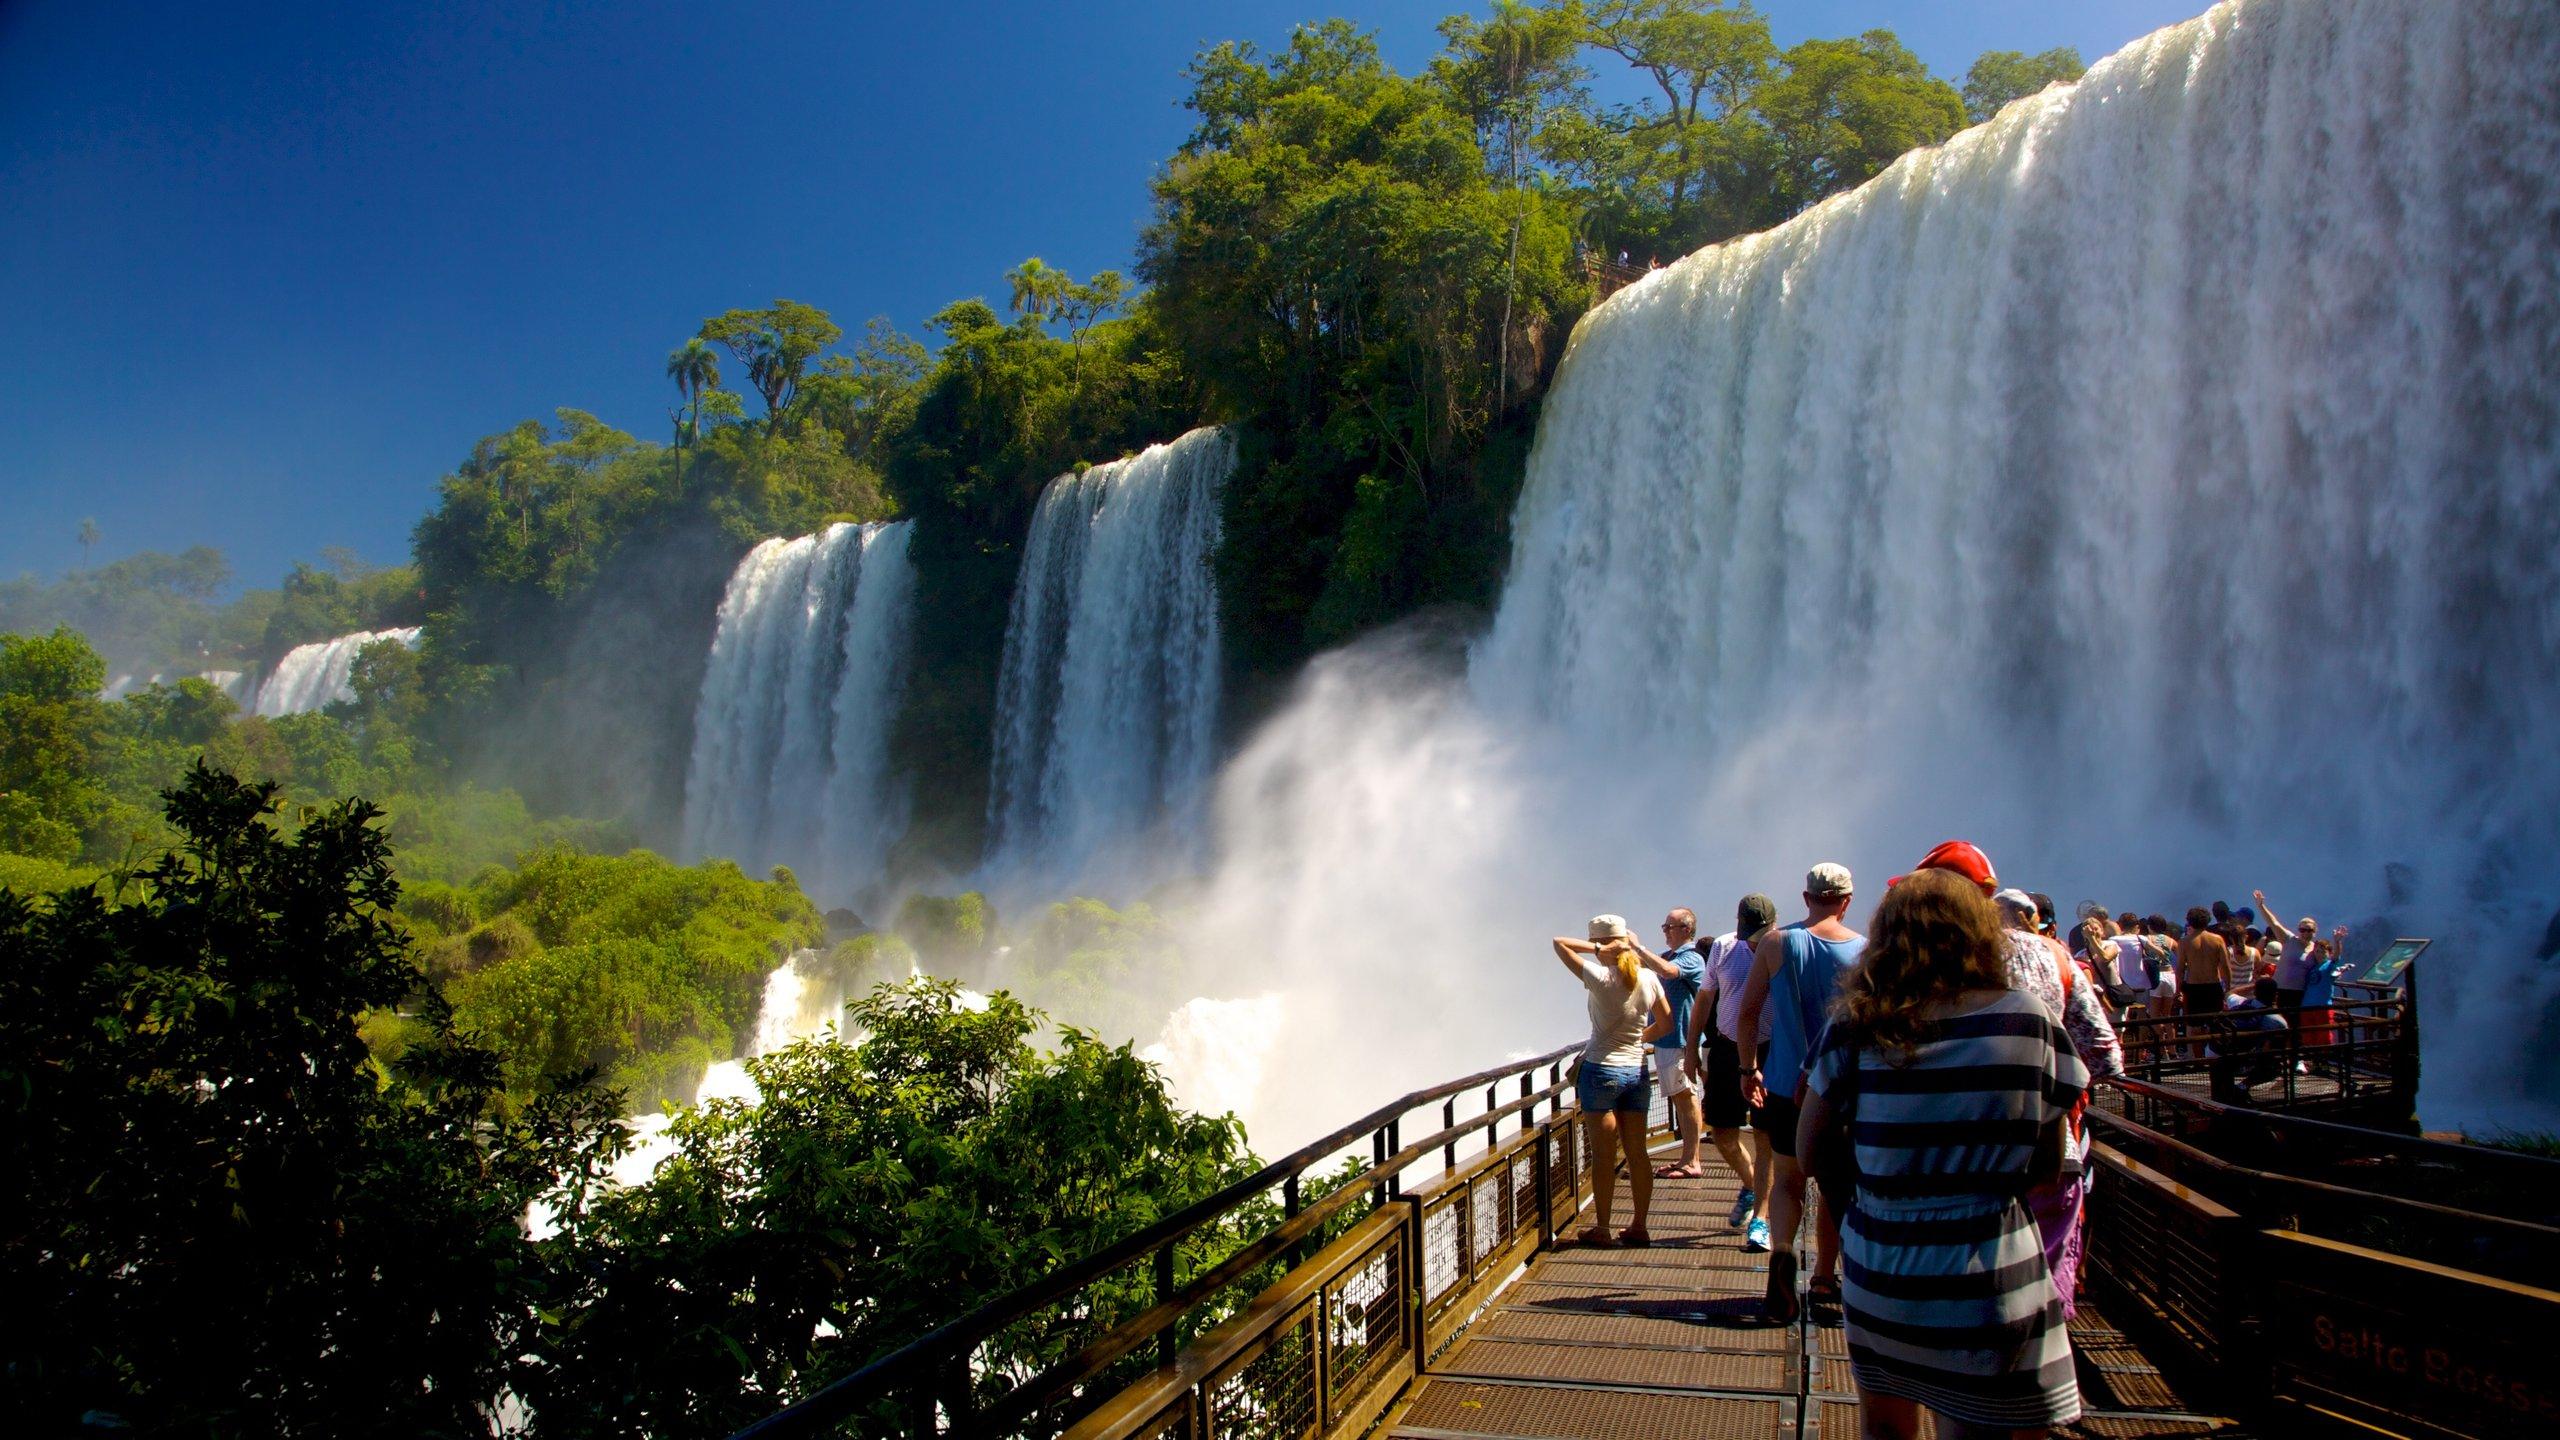 Puerto Iguazú, Misiones Province, Argentina